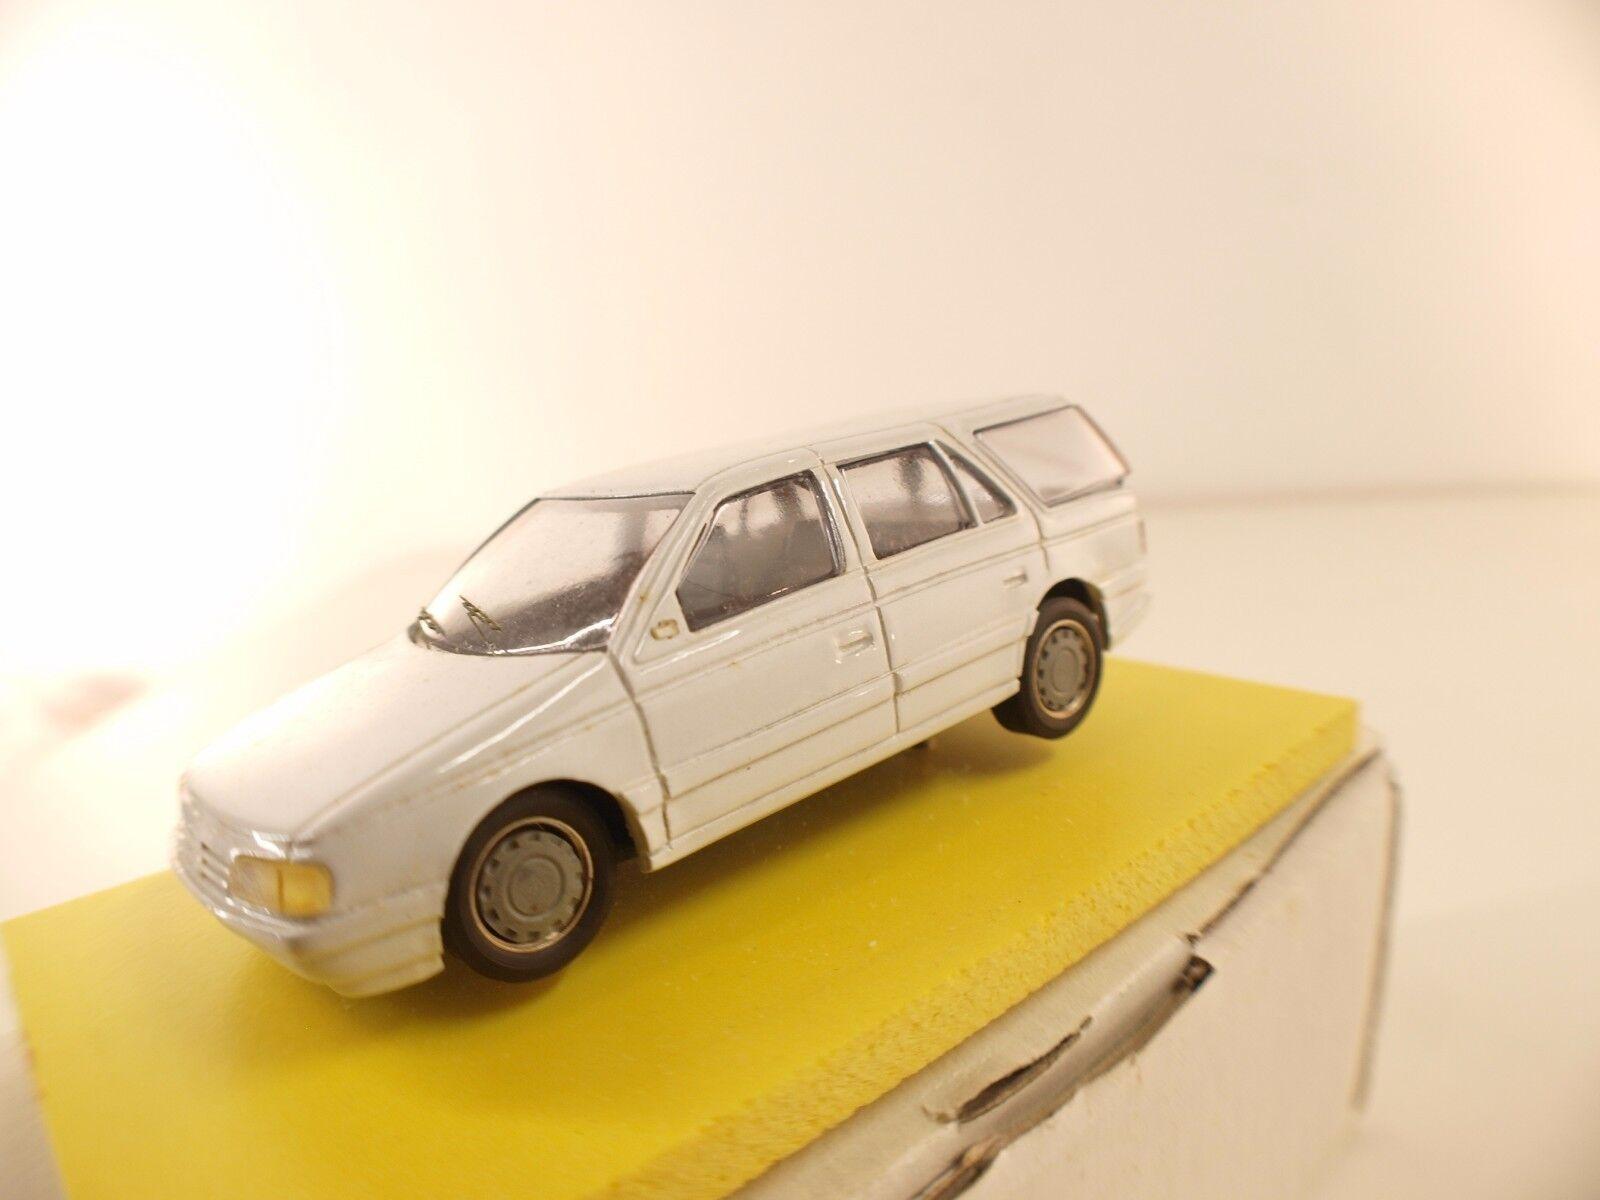 Heco Modeles F Peugeot 405 405 405 break kit résine en boite monté 1 43 e461c4